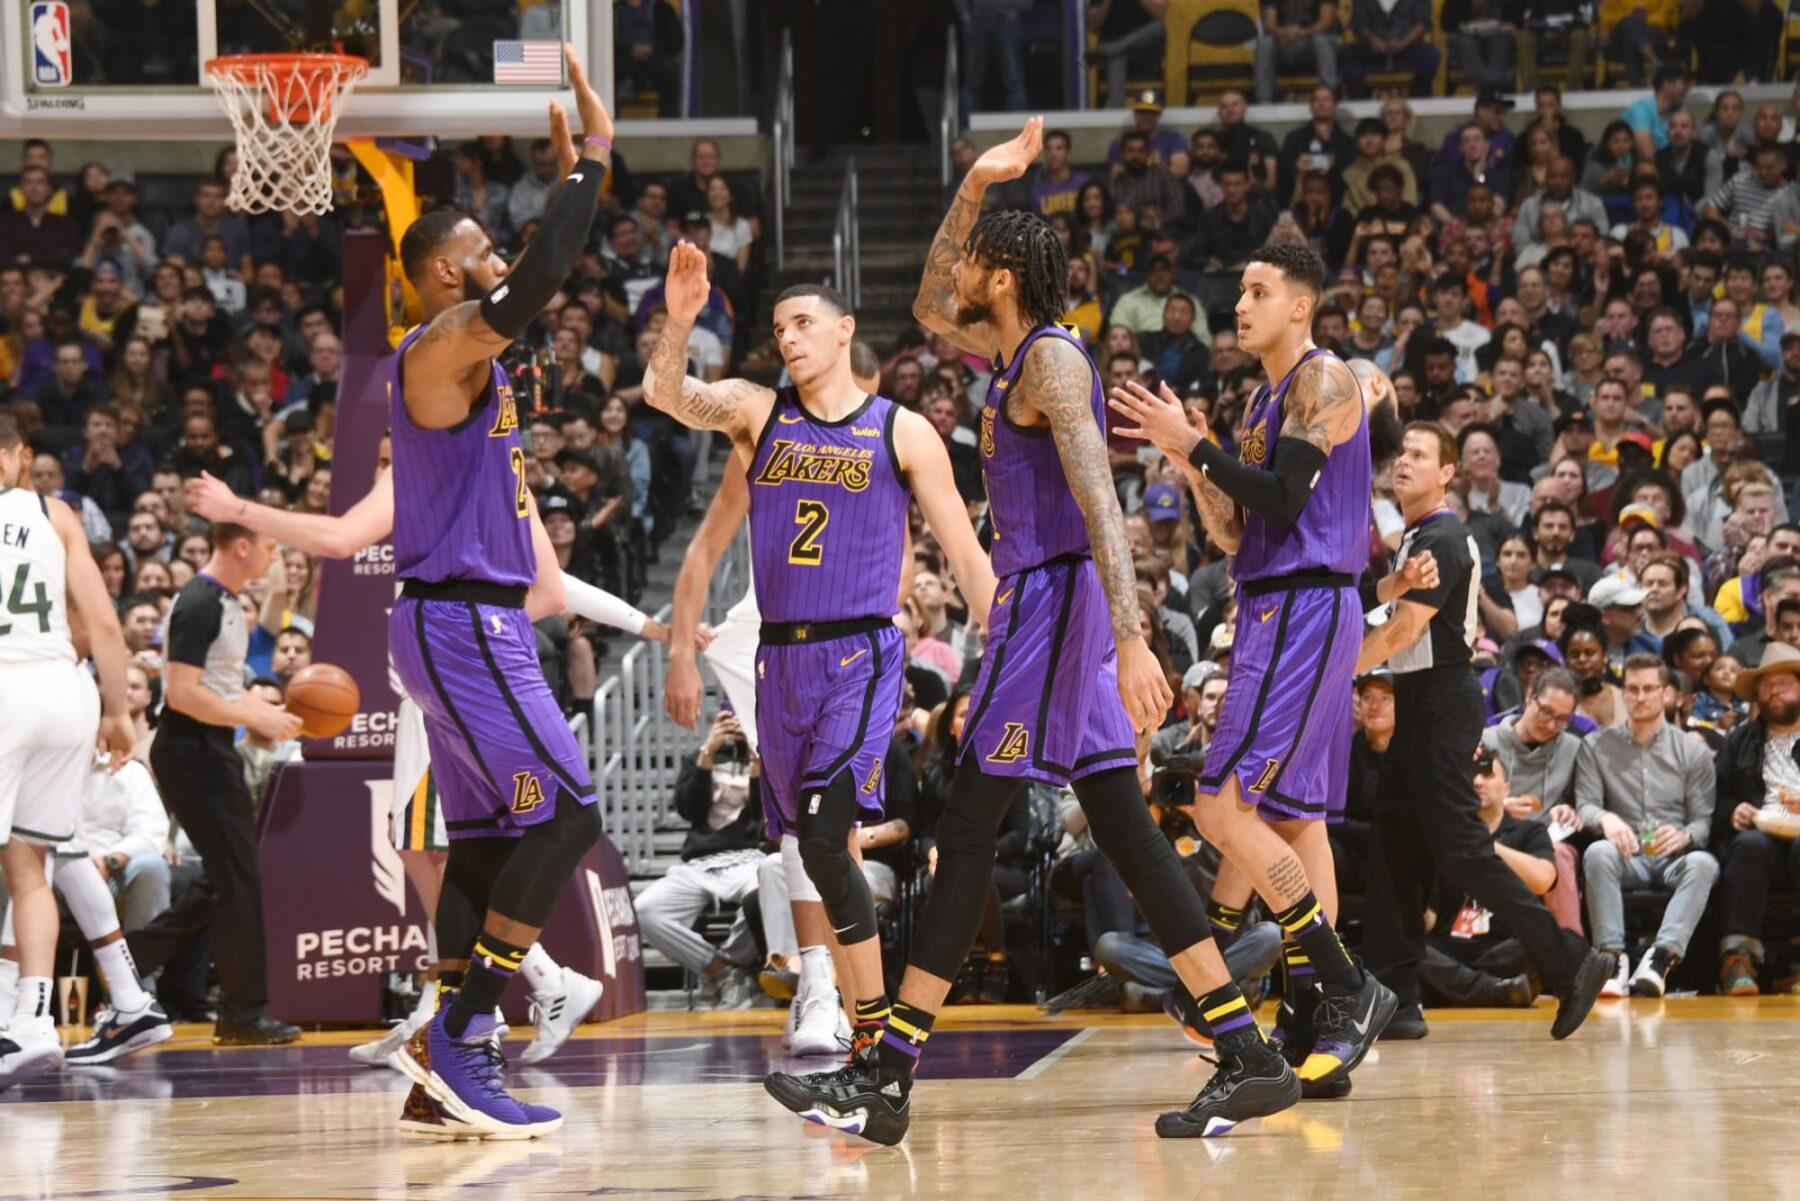 LeBron James, Lonzo Ball, Brandon Ingram and Kyle Kuzma